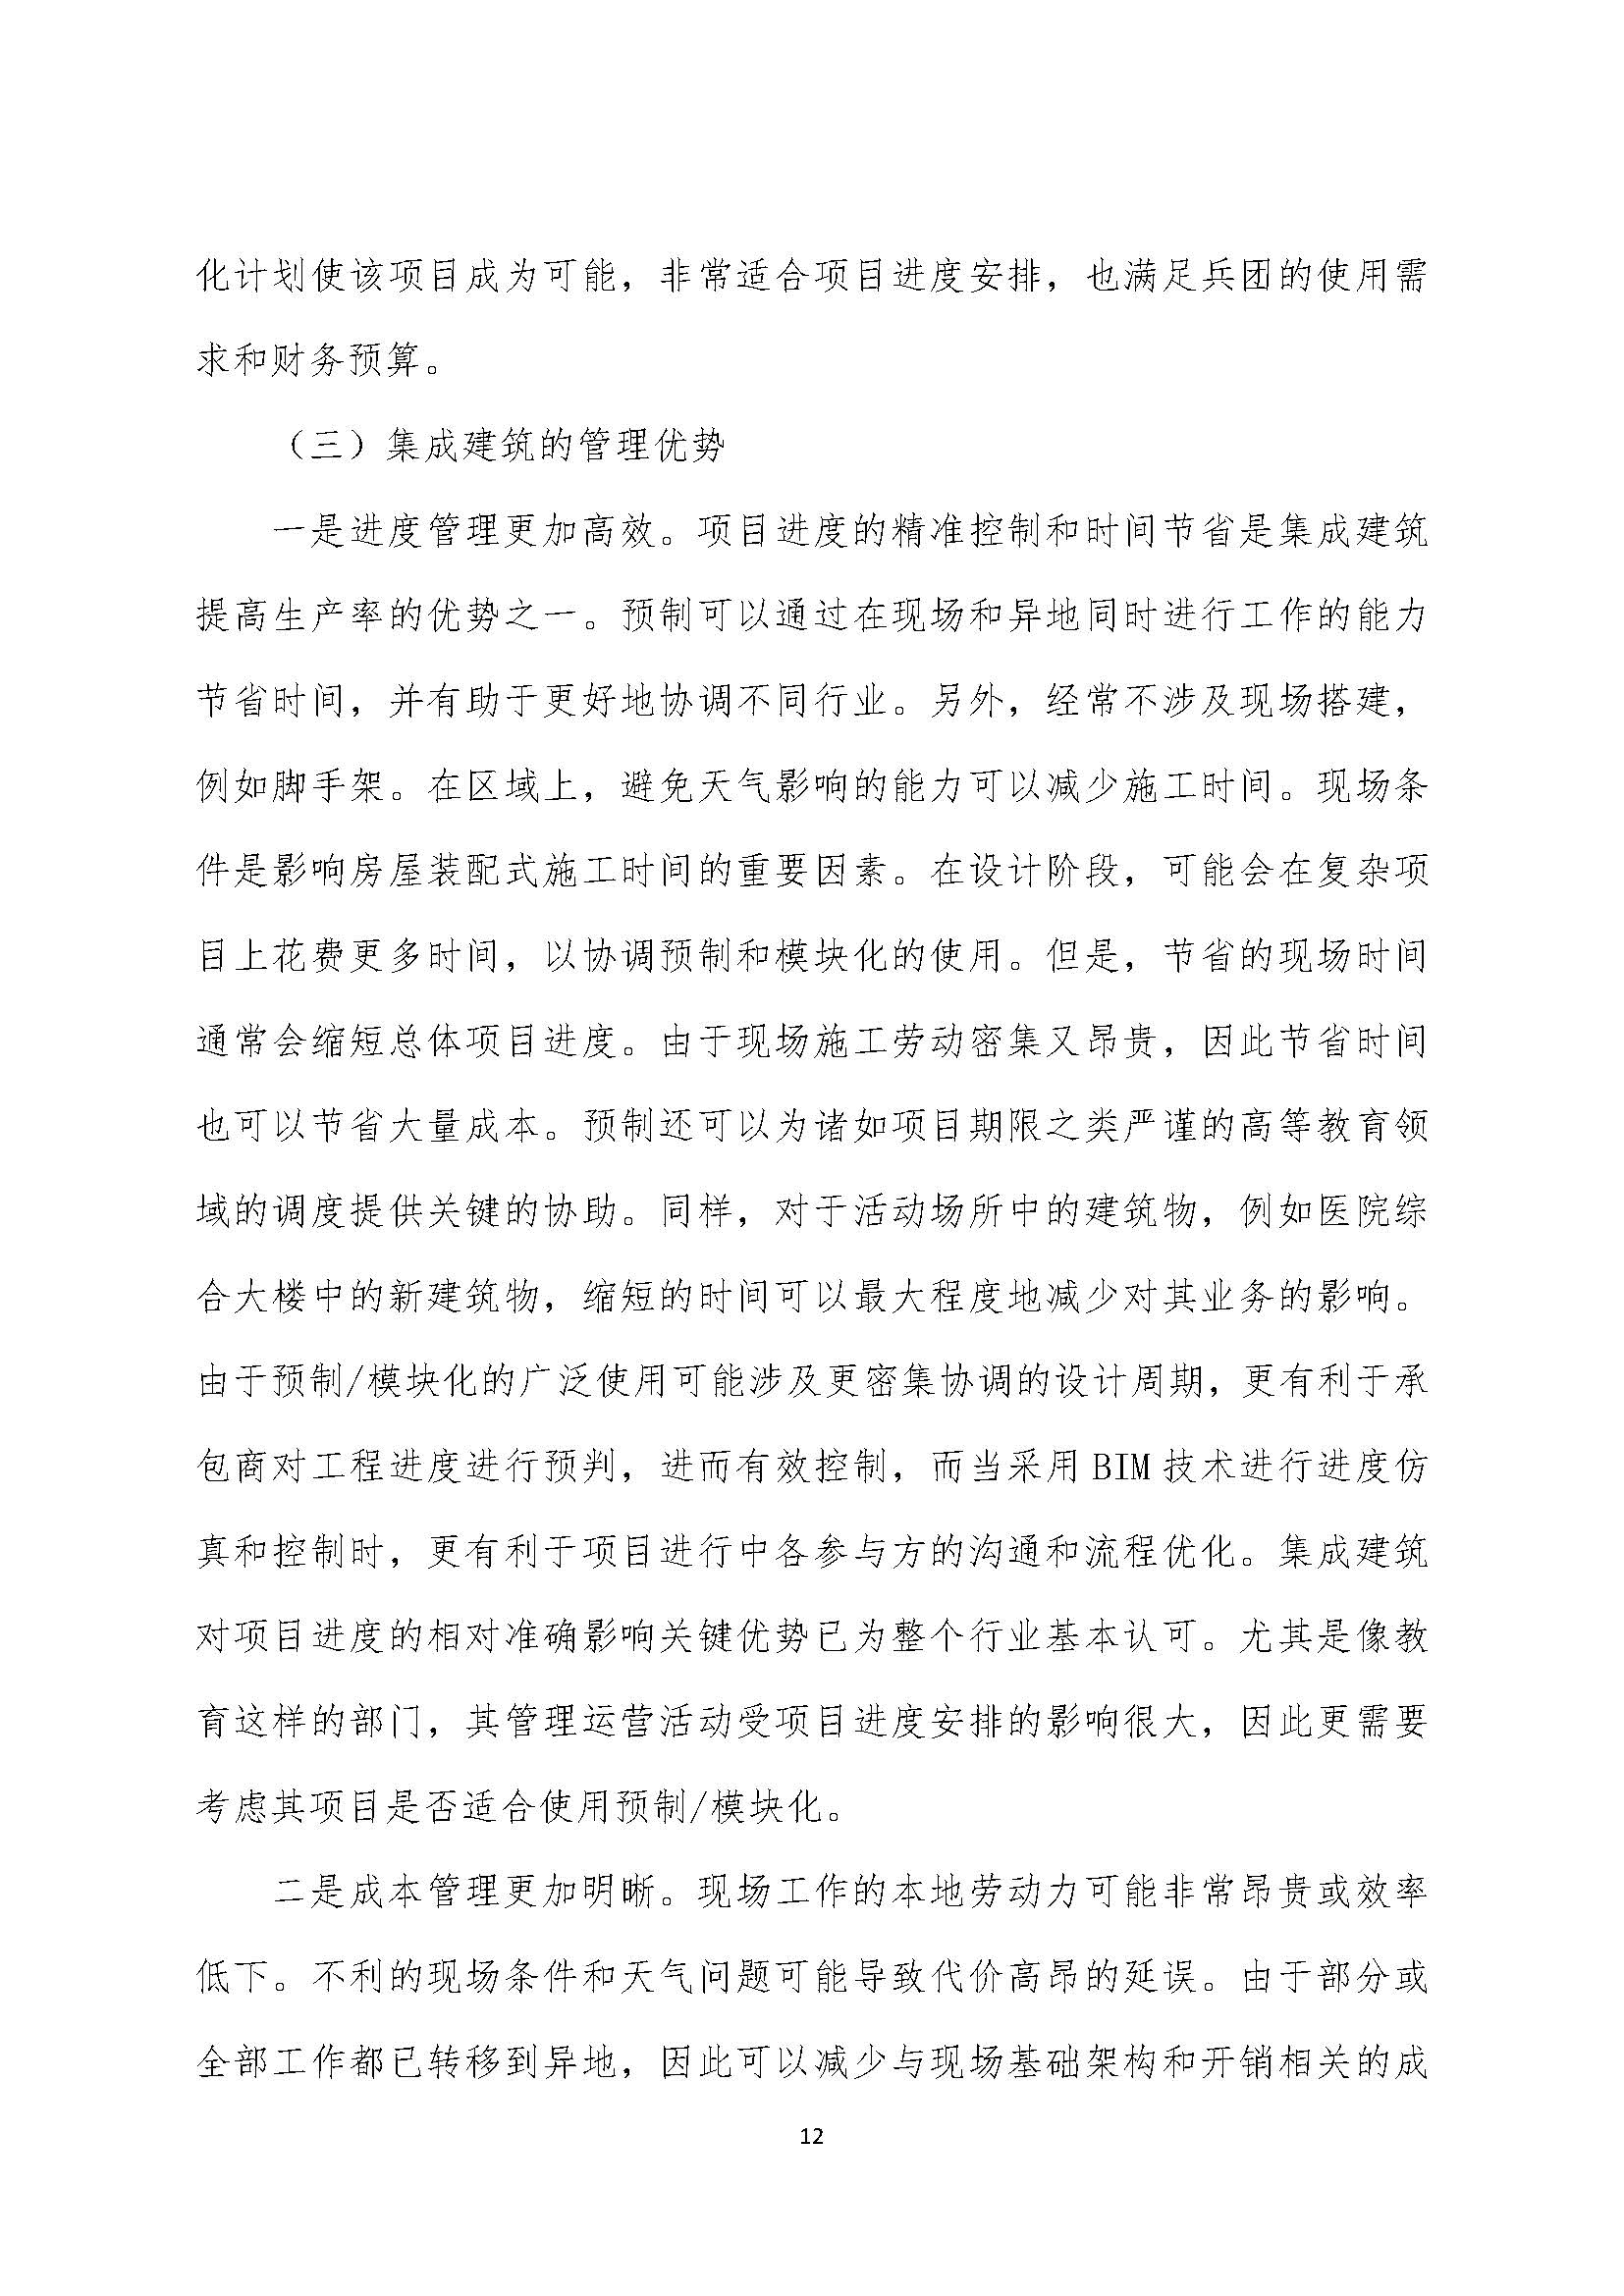 新闻-集成建筑系统构建在国家应急管理体系建设中的应用研究-02172_页面_12